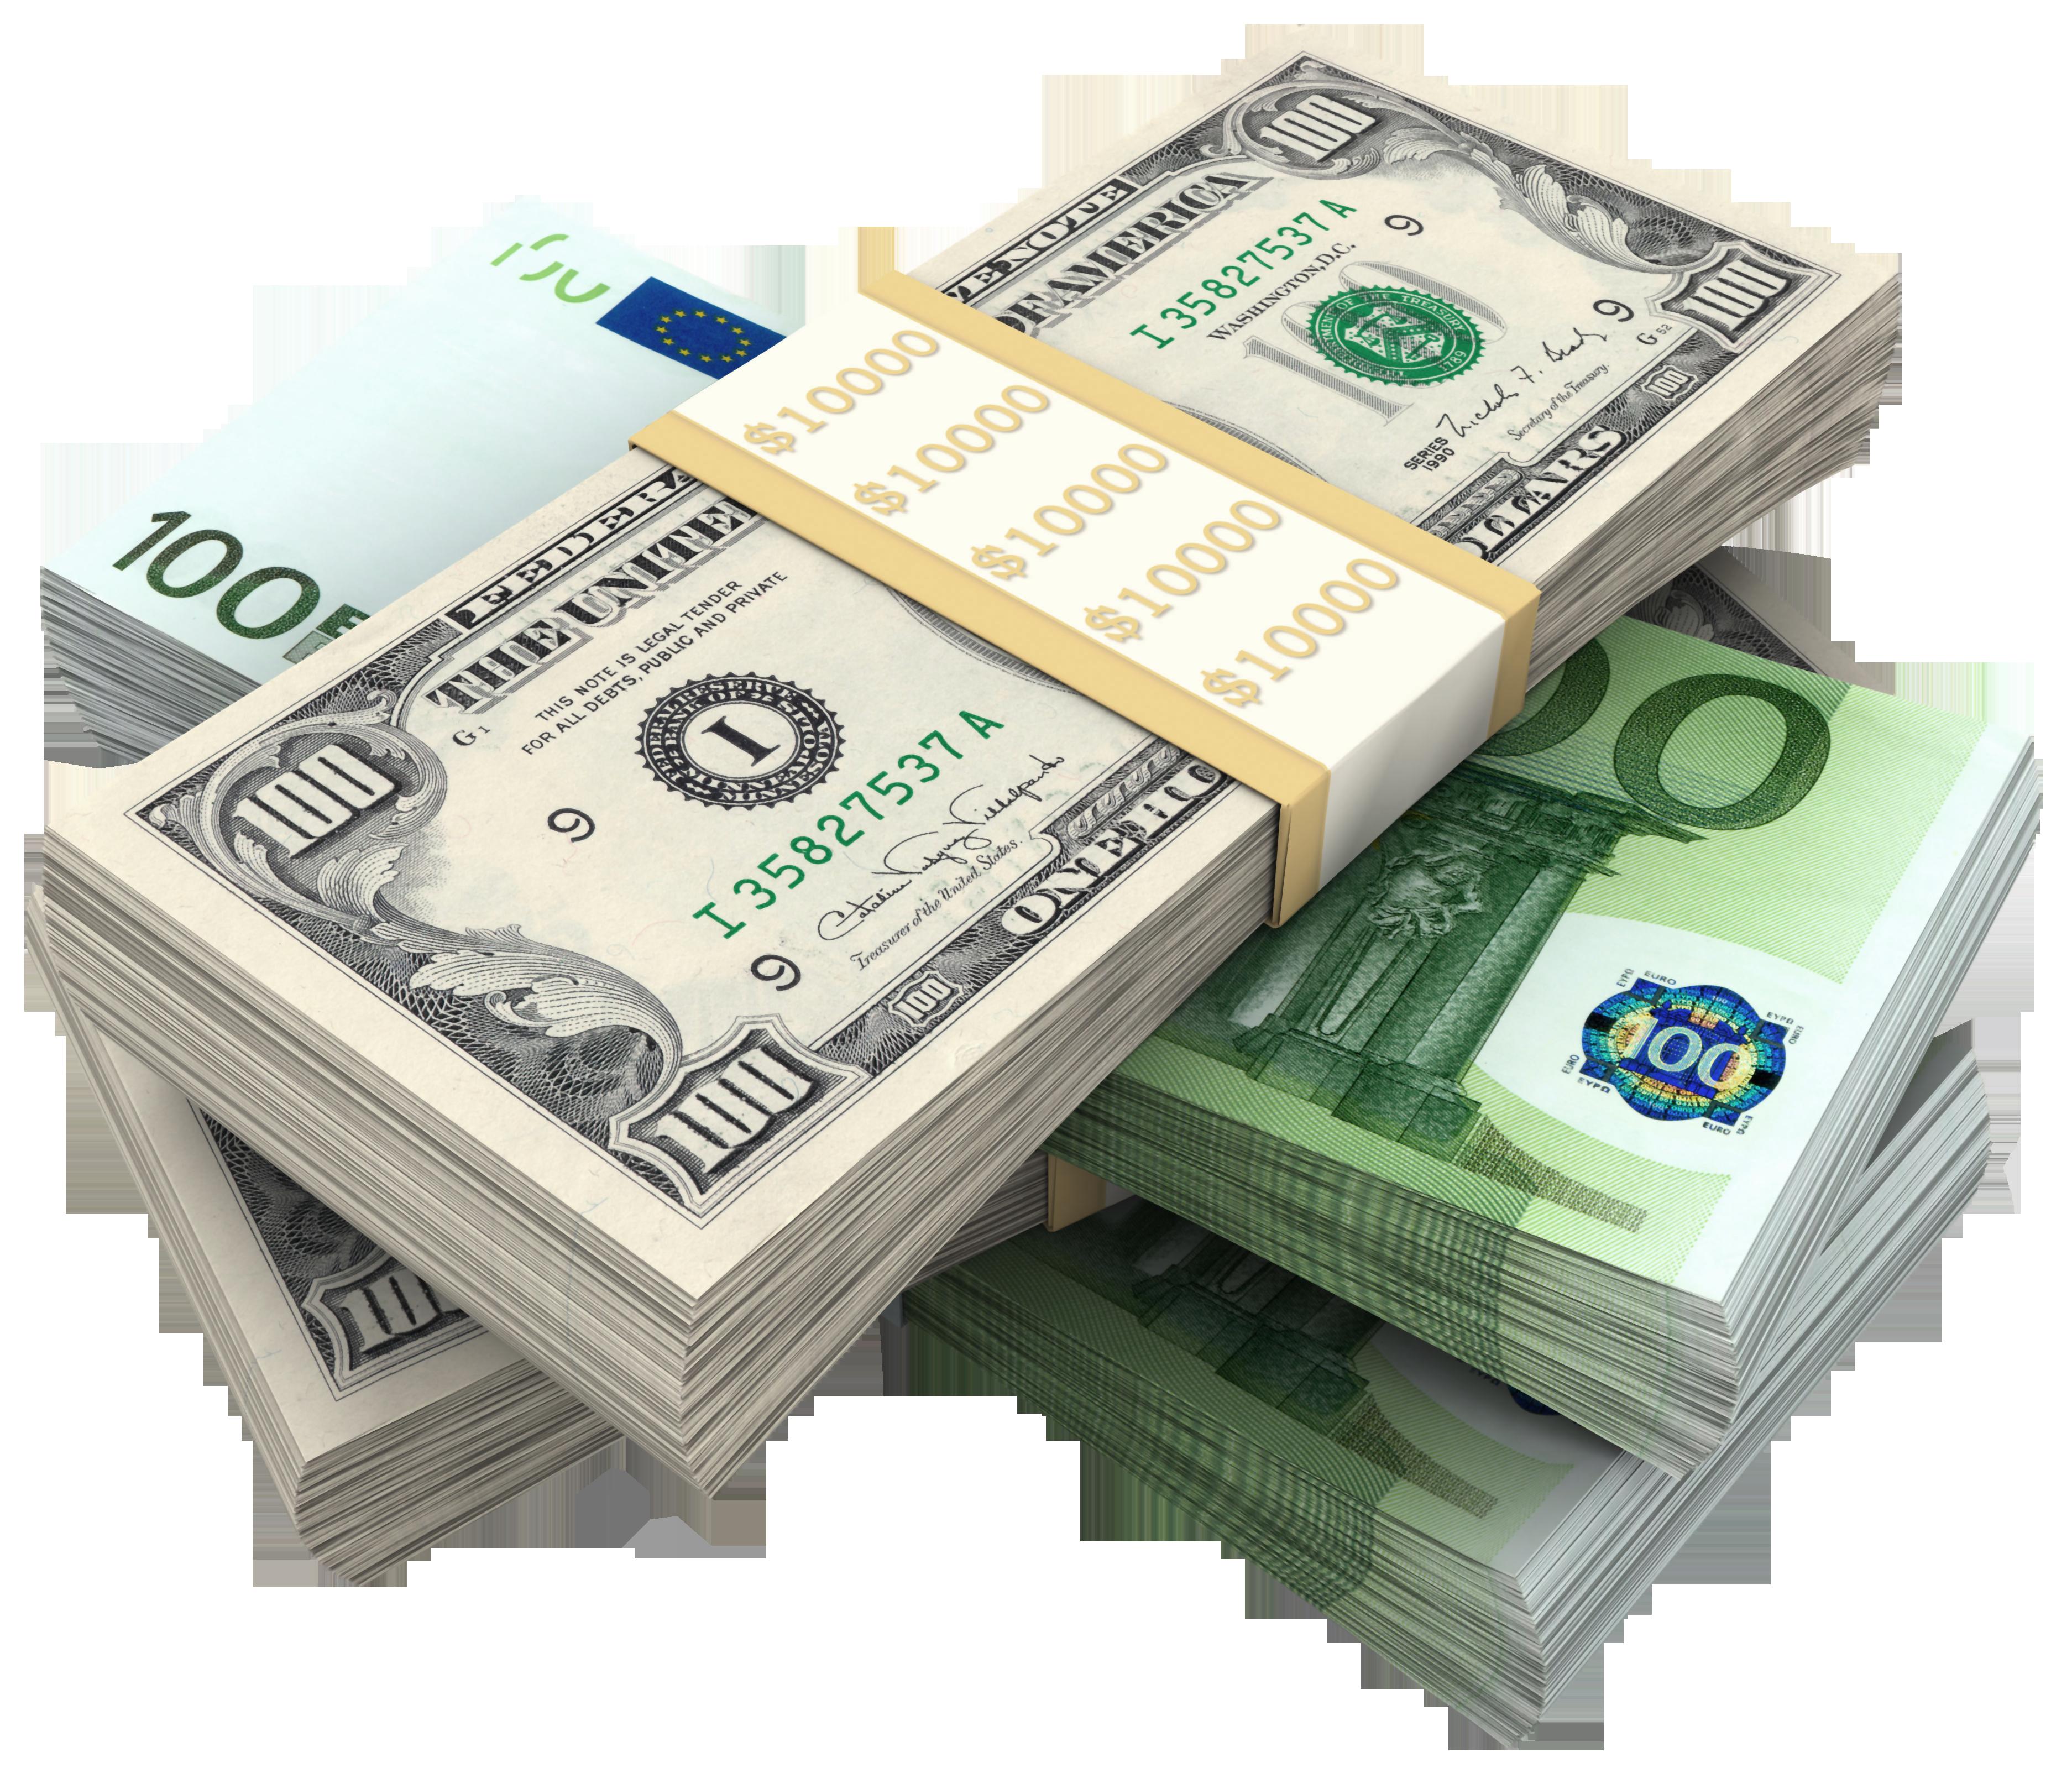 Dollars Bundles Of Euro Hq Png Image